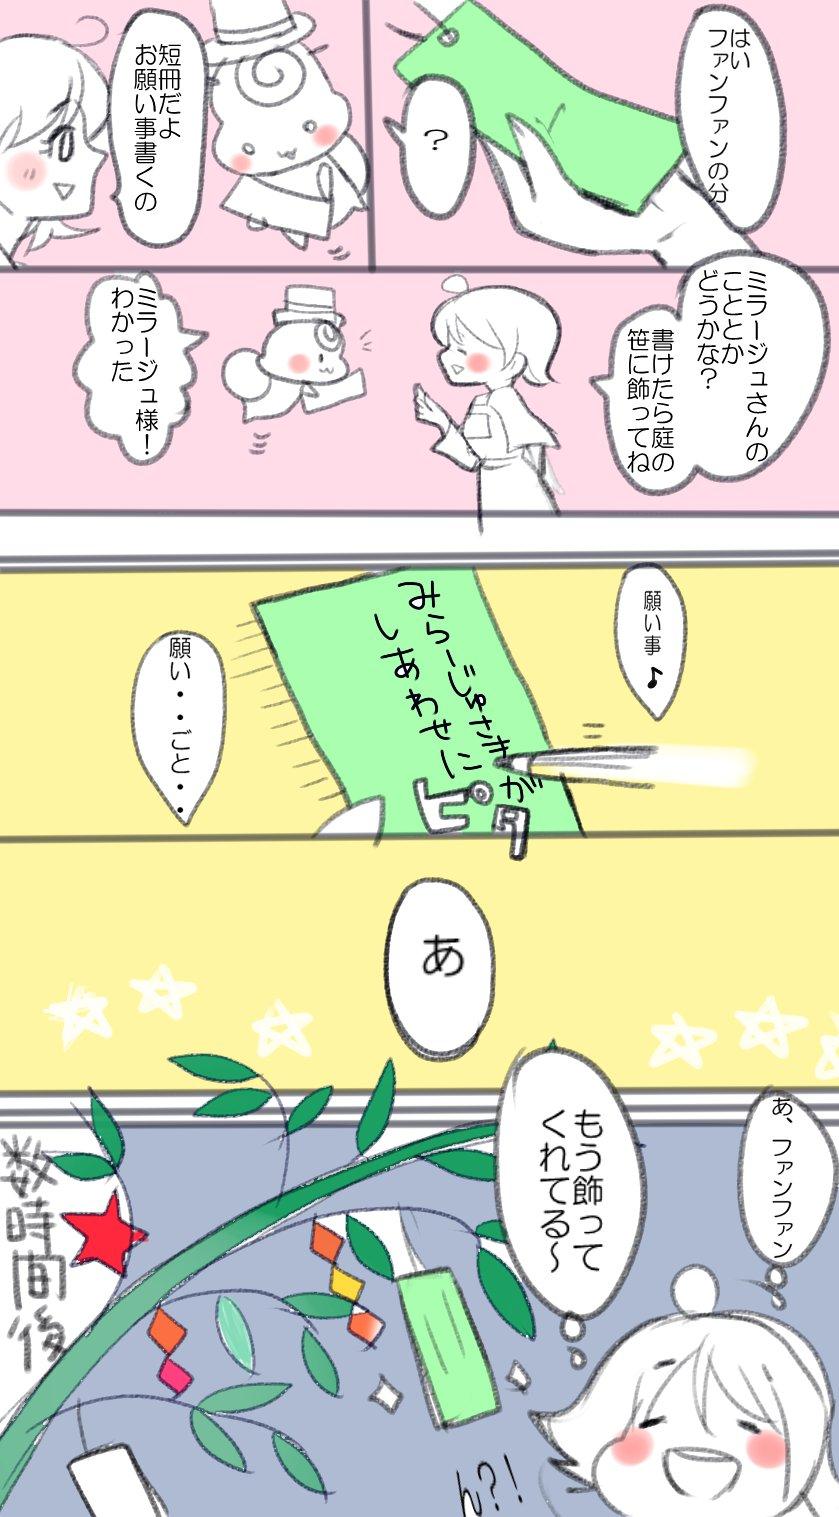 佐藤けだまっつん🌳🐰 (@kedamasato)さんのイラスト